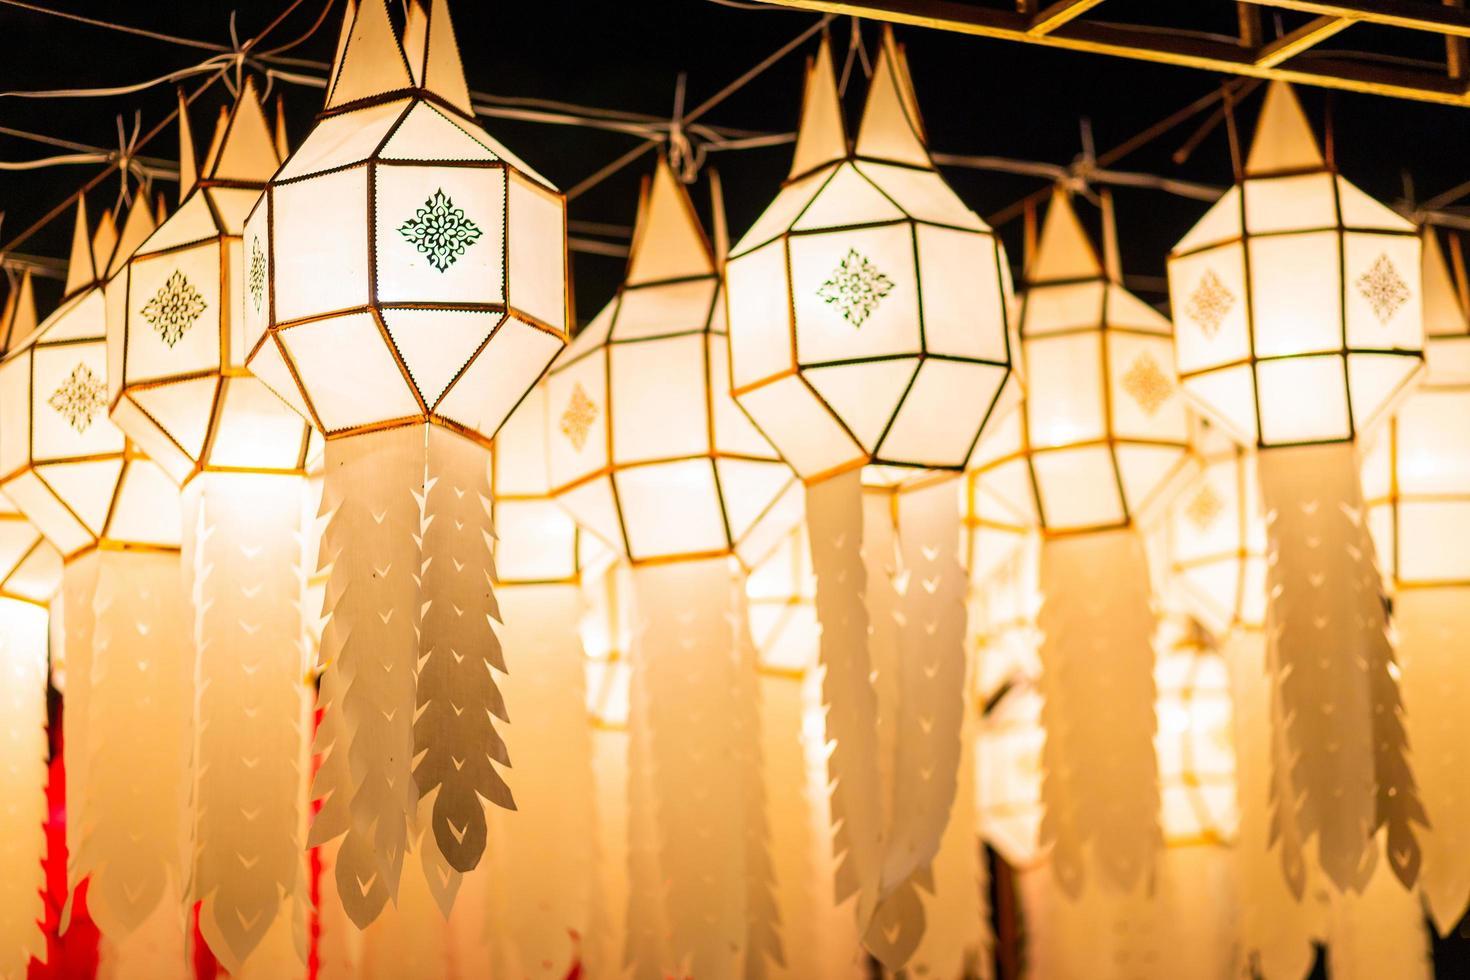 Lanterne de papier lanna au festival de yi peng, Chiang Mai, Thaïlande photo